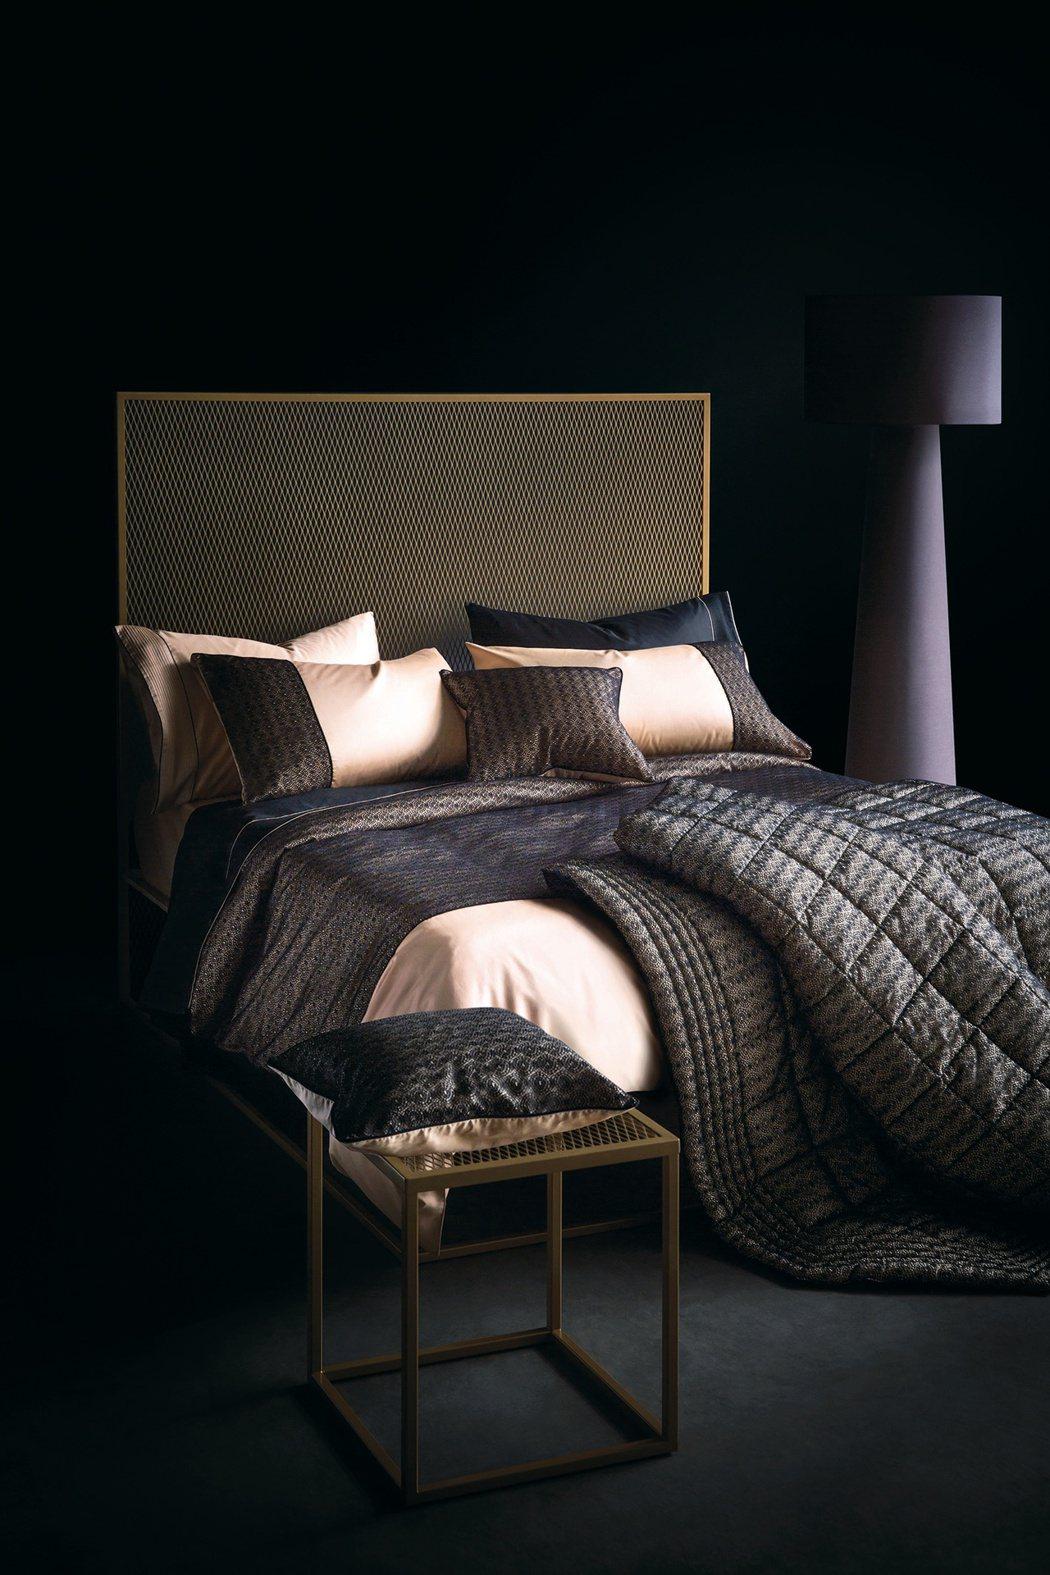 LA PERLA Home系列雙人四件組寢具,定價46,800元。圖/寬庭美學K...